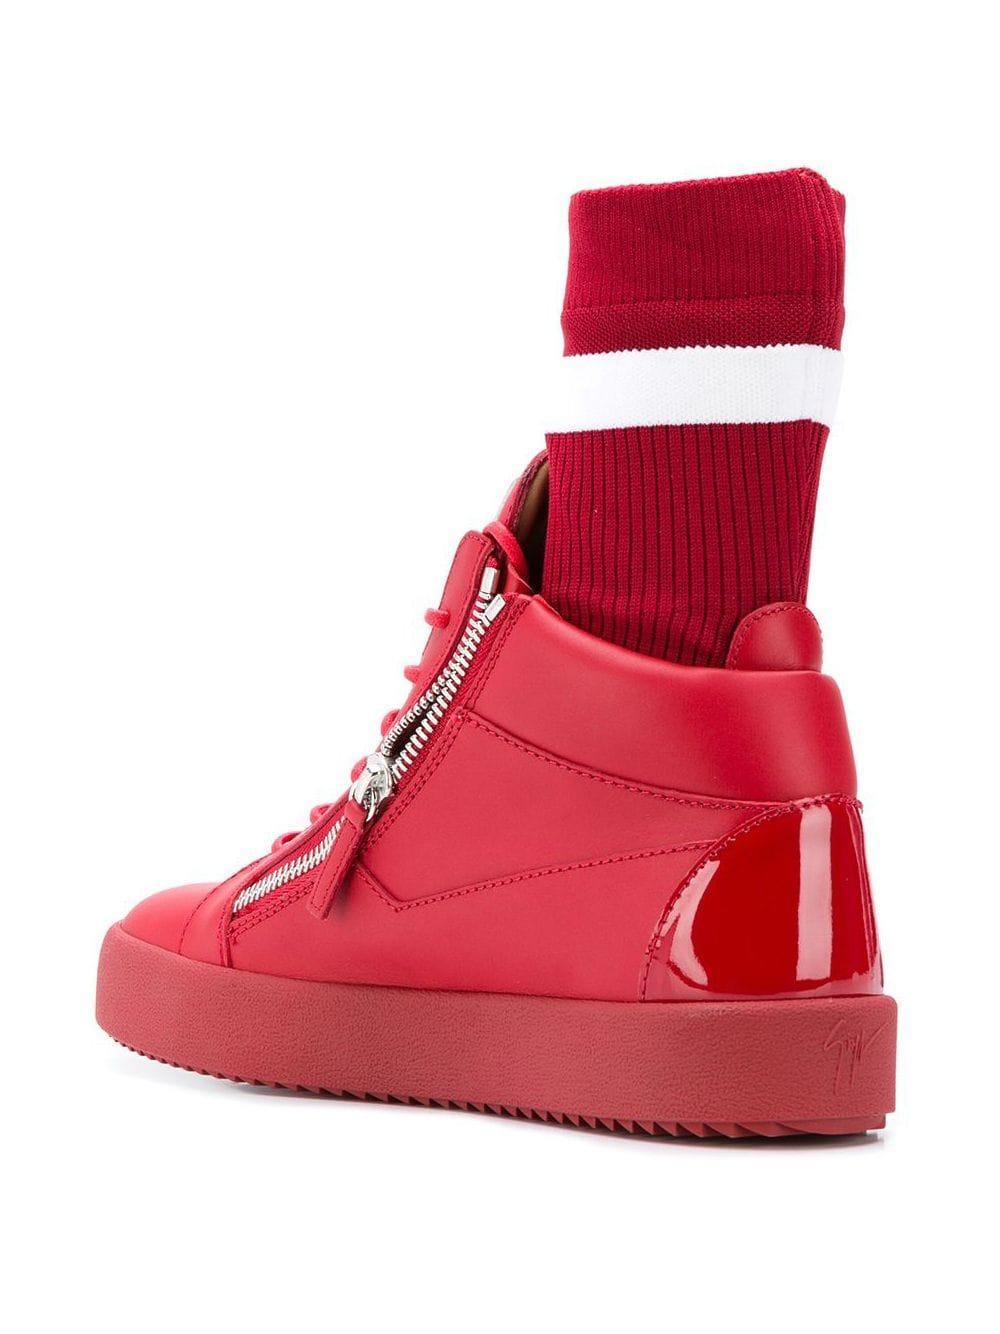 Giuseppe Zanotti Leer Kriss Sneakers in het Rood voor heren